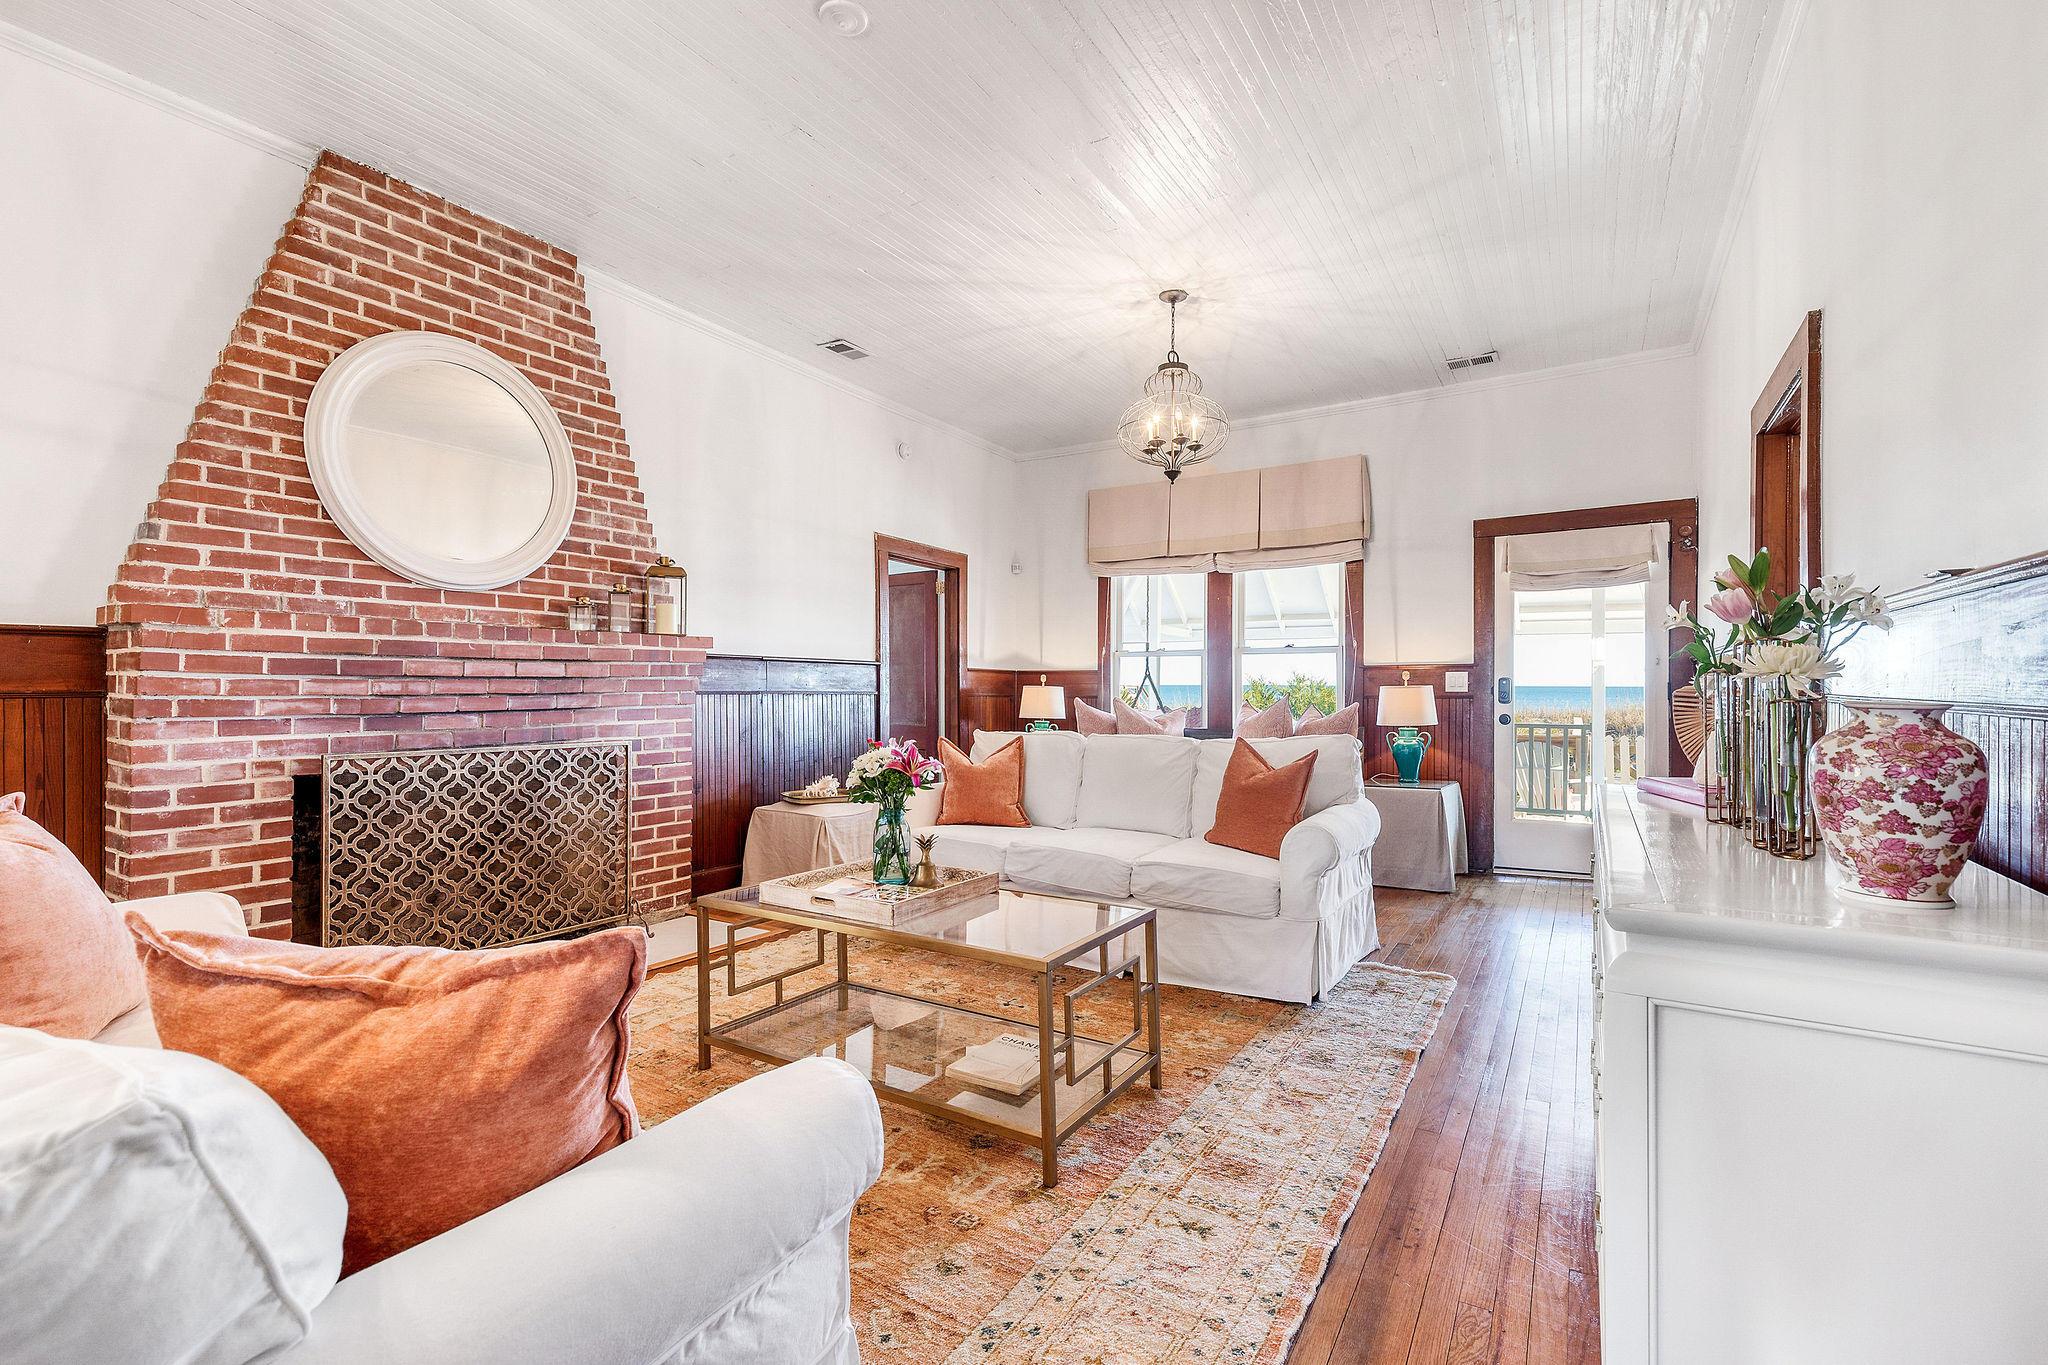 Folly Beach Homes For Sale - 509 Ashley, Folly Beach, SC - 62